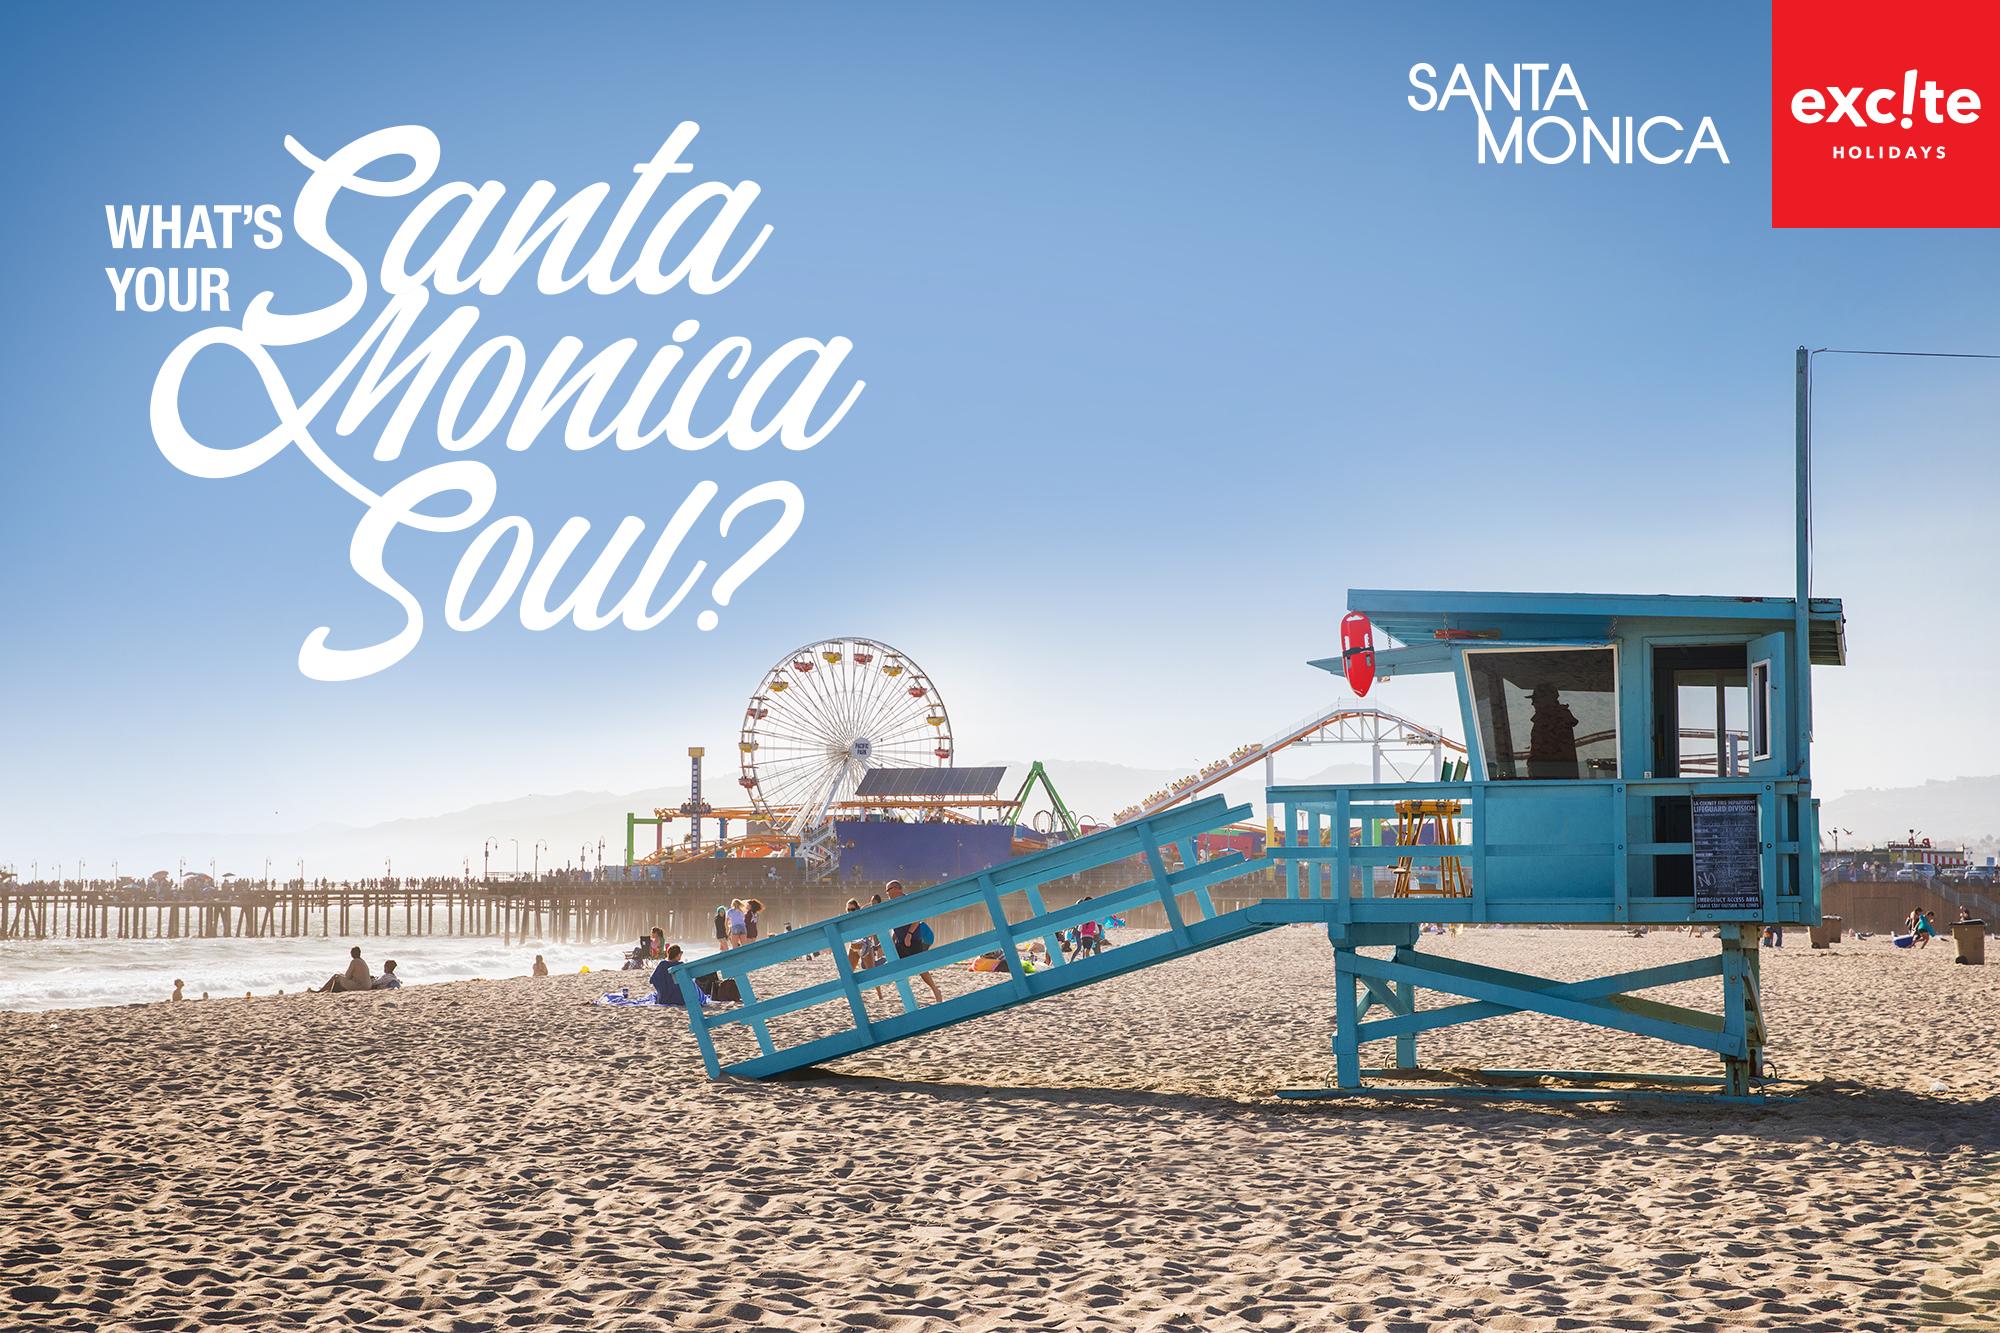 SantaMonica_Image